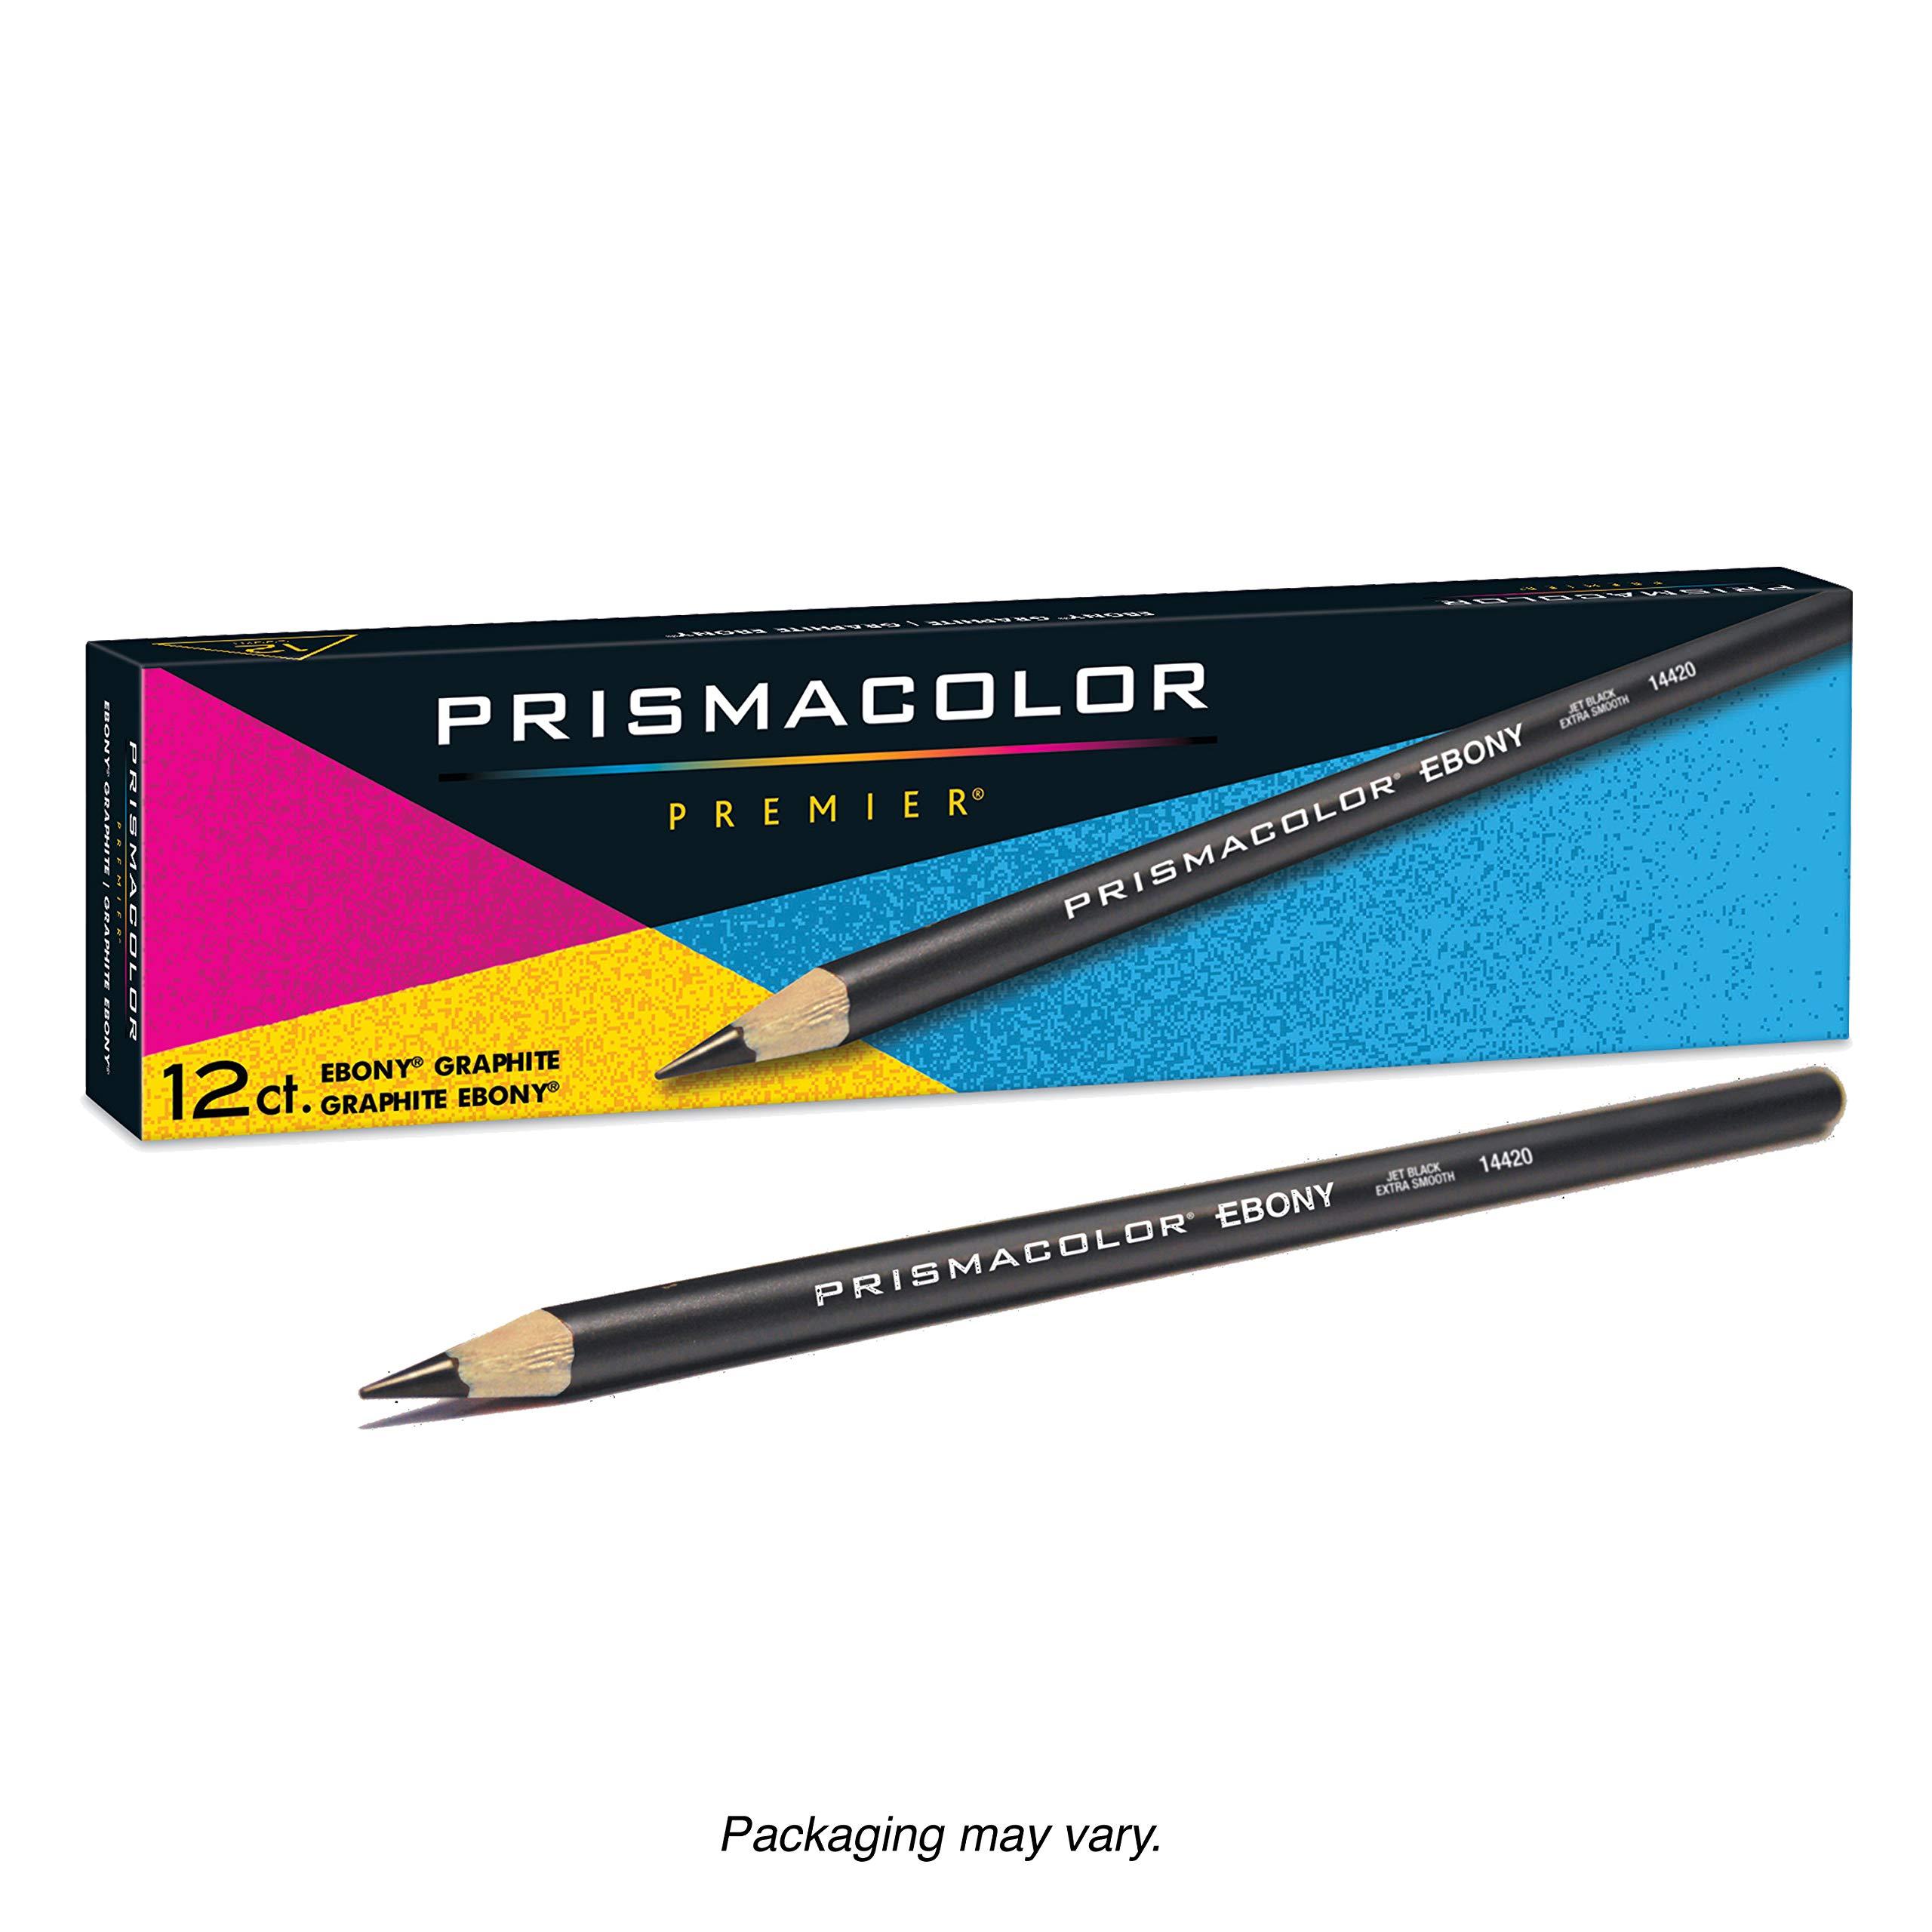 Prismacolor Ebony Graphite Drawing Pencils, Black,12-Count